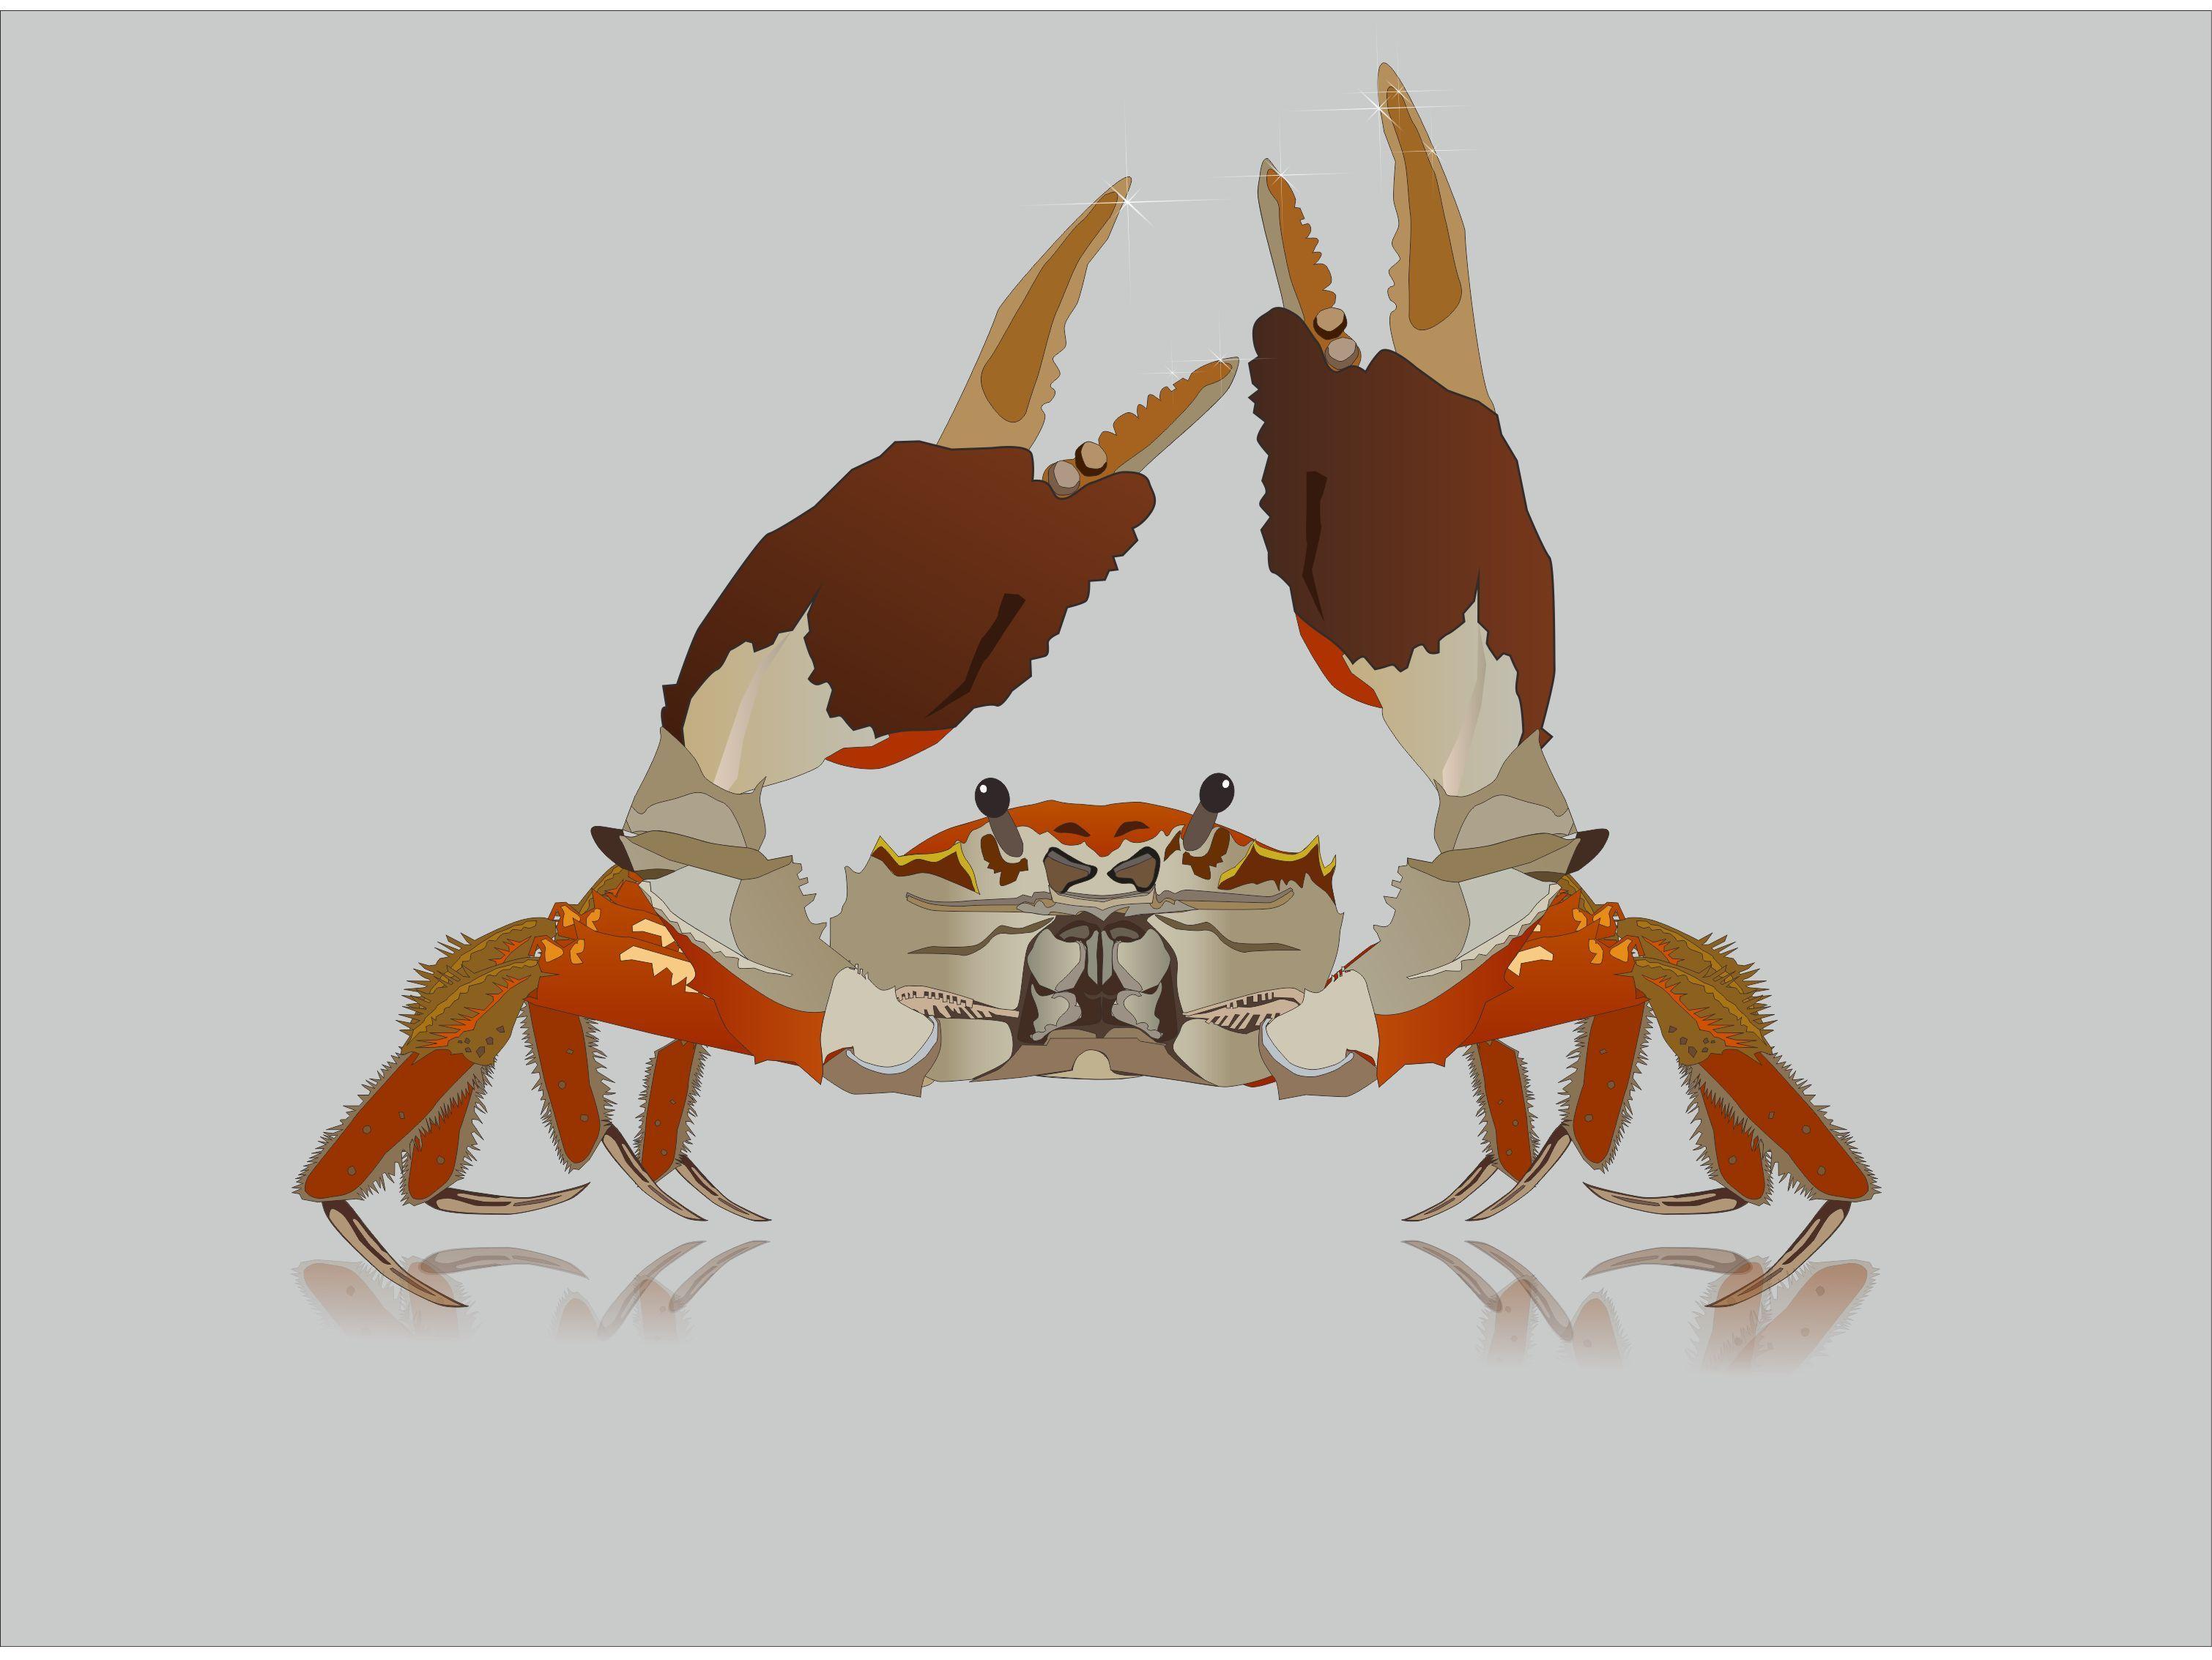 布料螃蟹手工制作大全